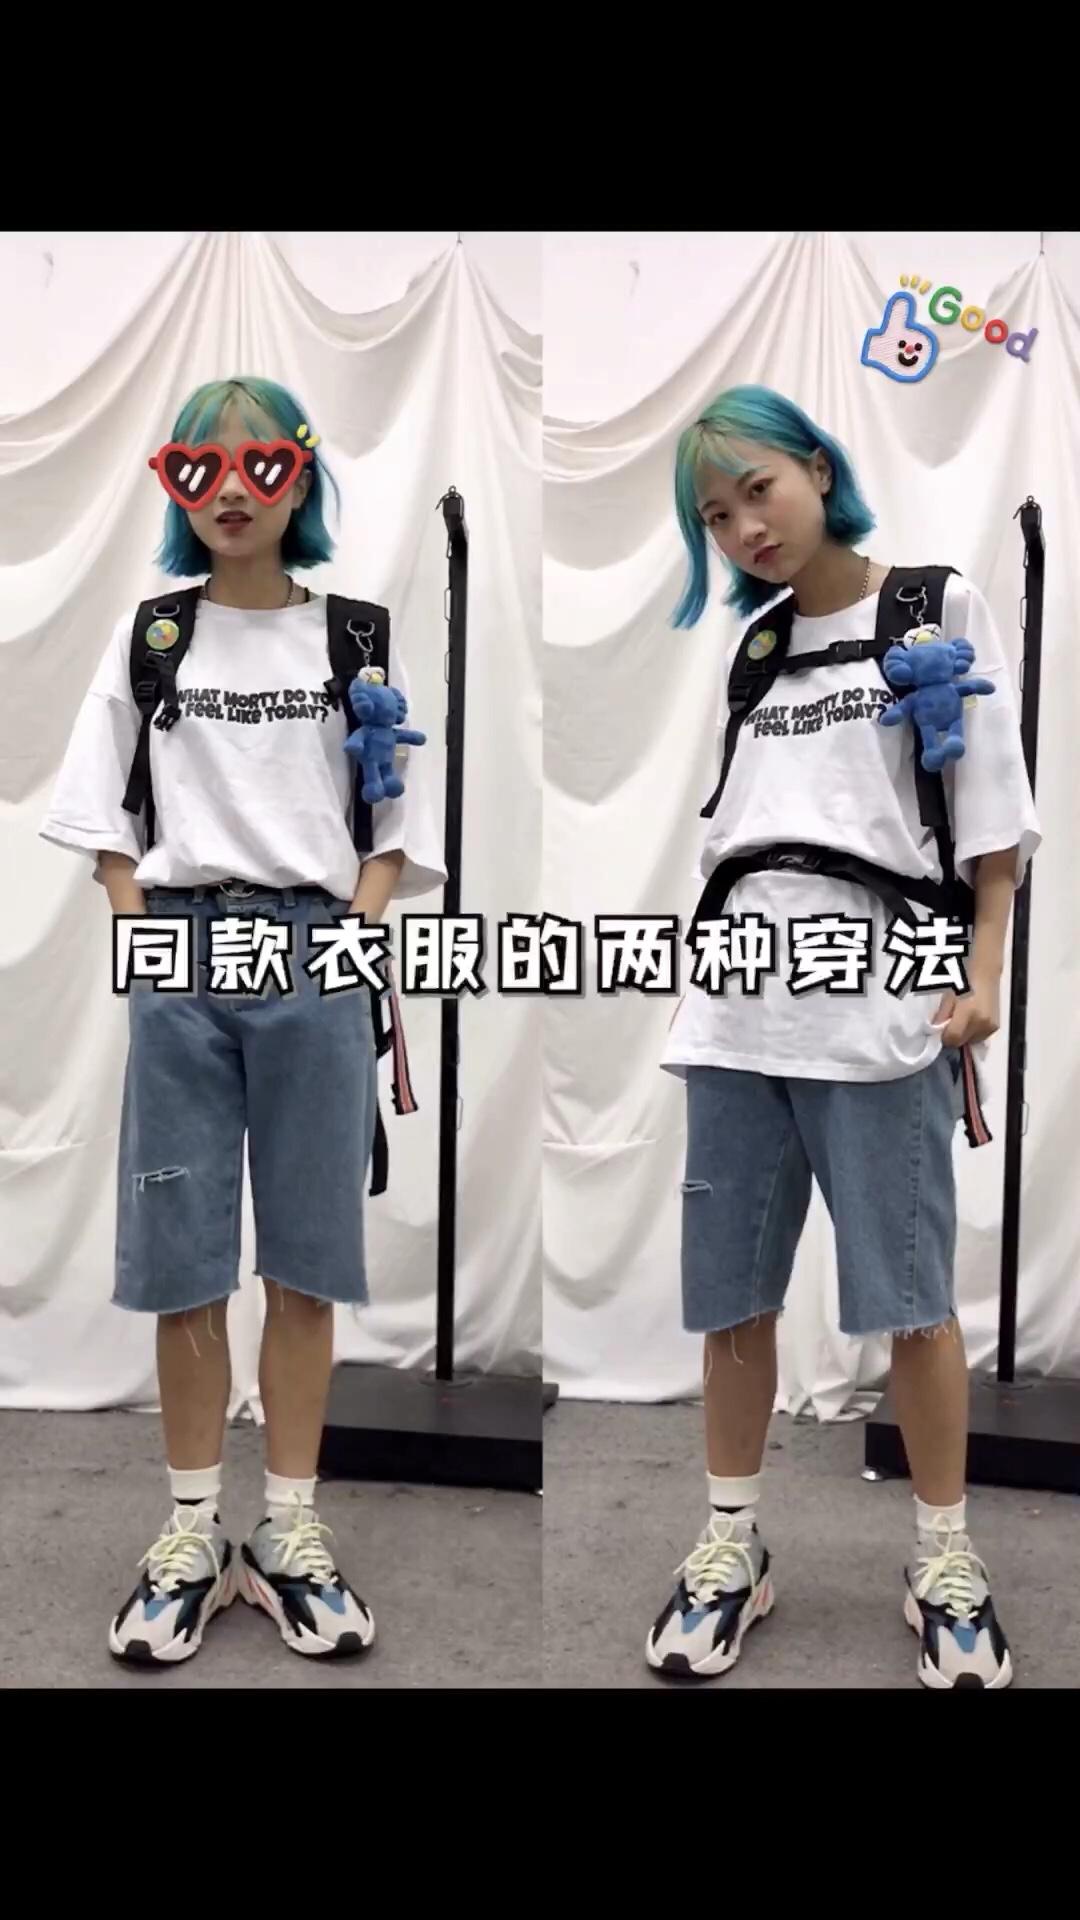 #小个子暑期穿衣指南# 超好看的一身帅气的穿搭,两种穿法都超好看超级简单小心机,你更喜欢怎么穿呀!白色t搭配蓝色短裤牛仔裤是超级简单的~好看!